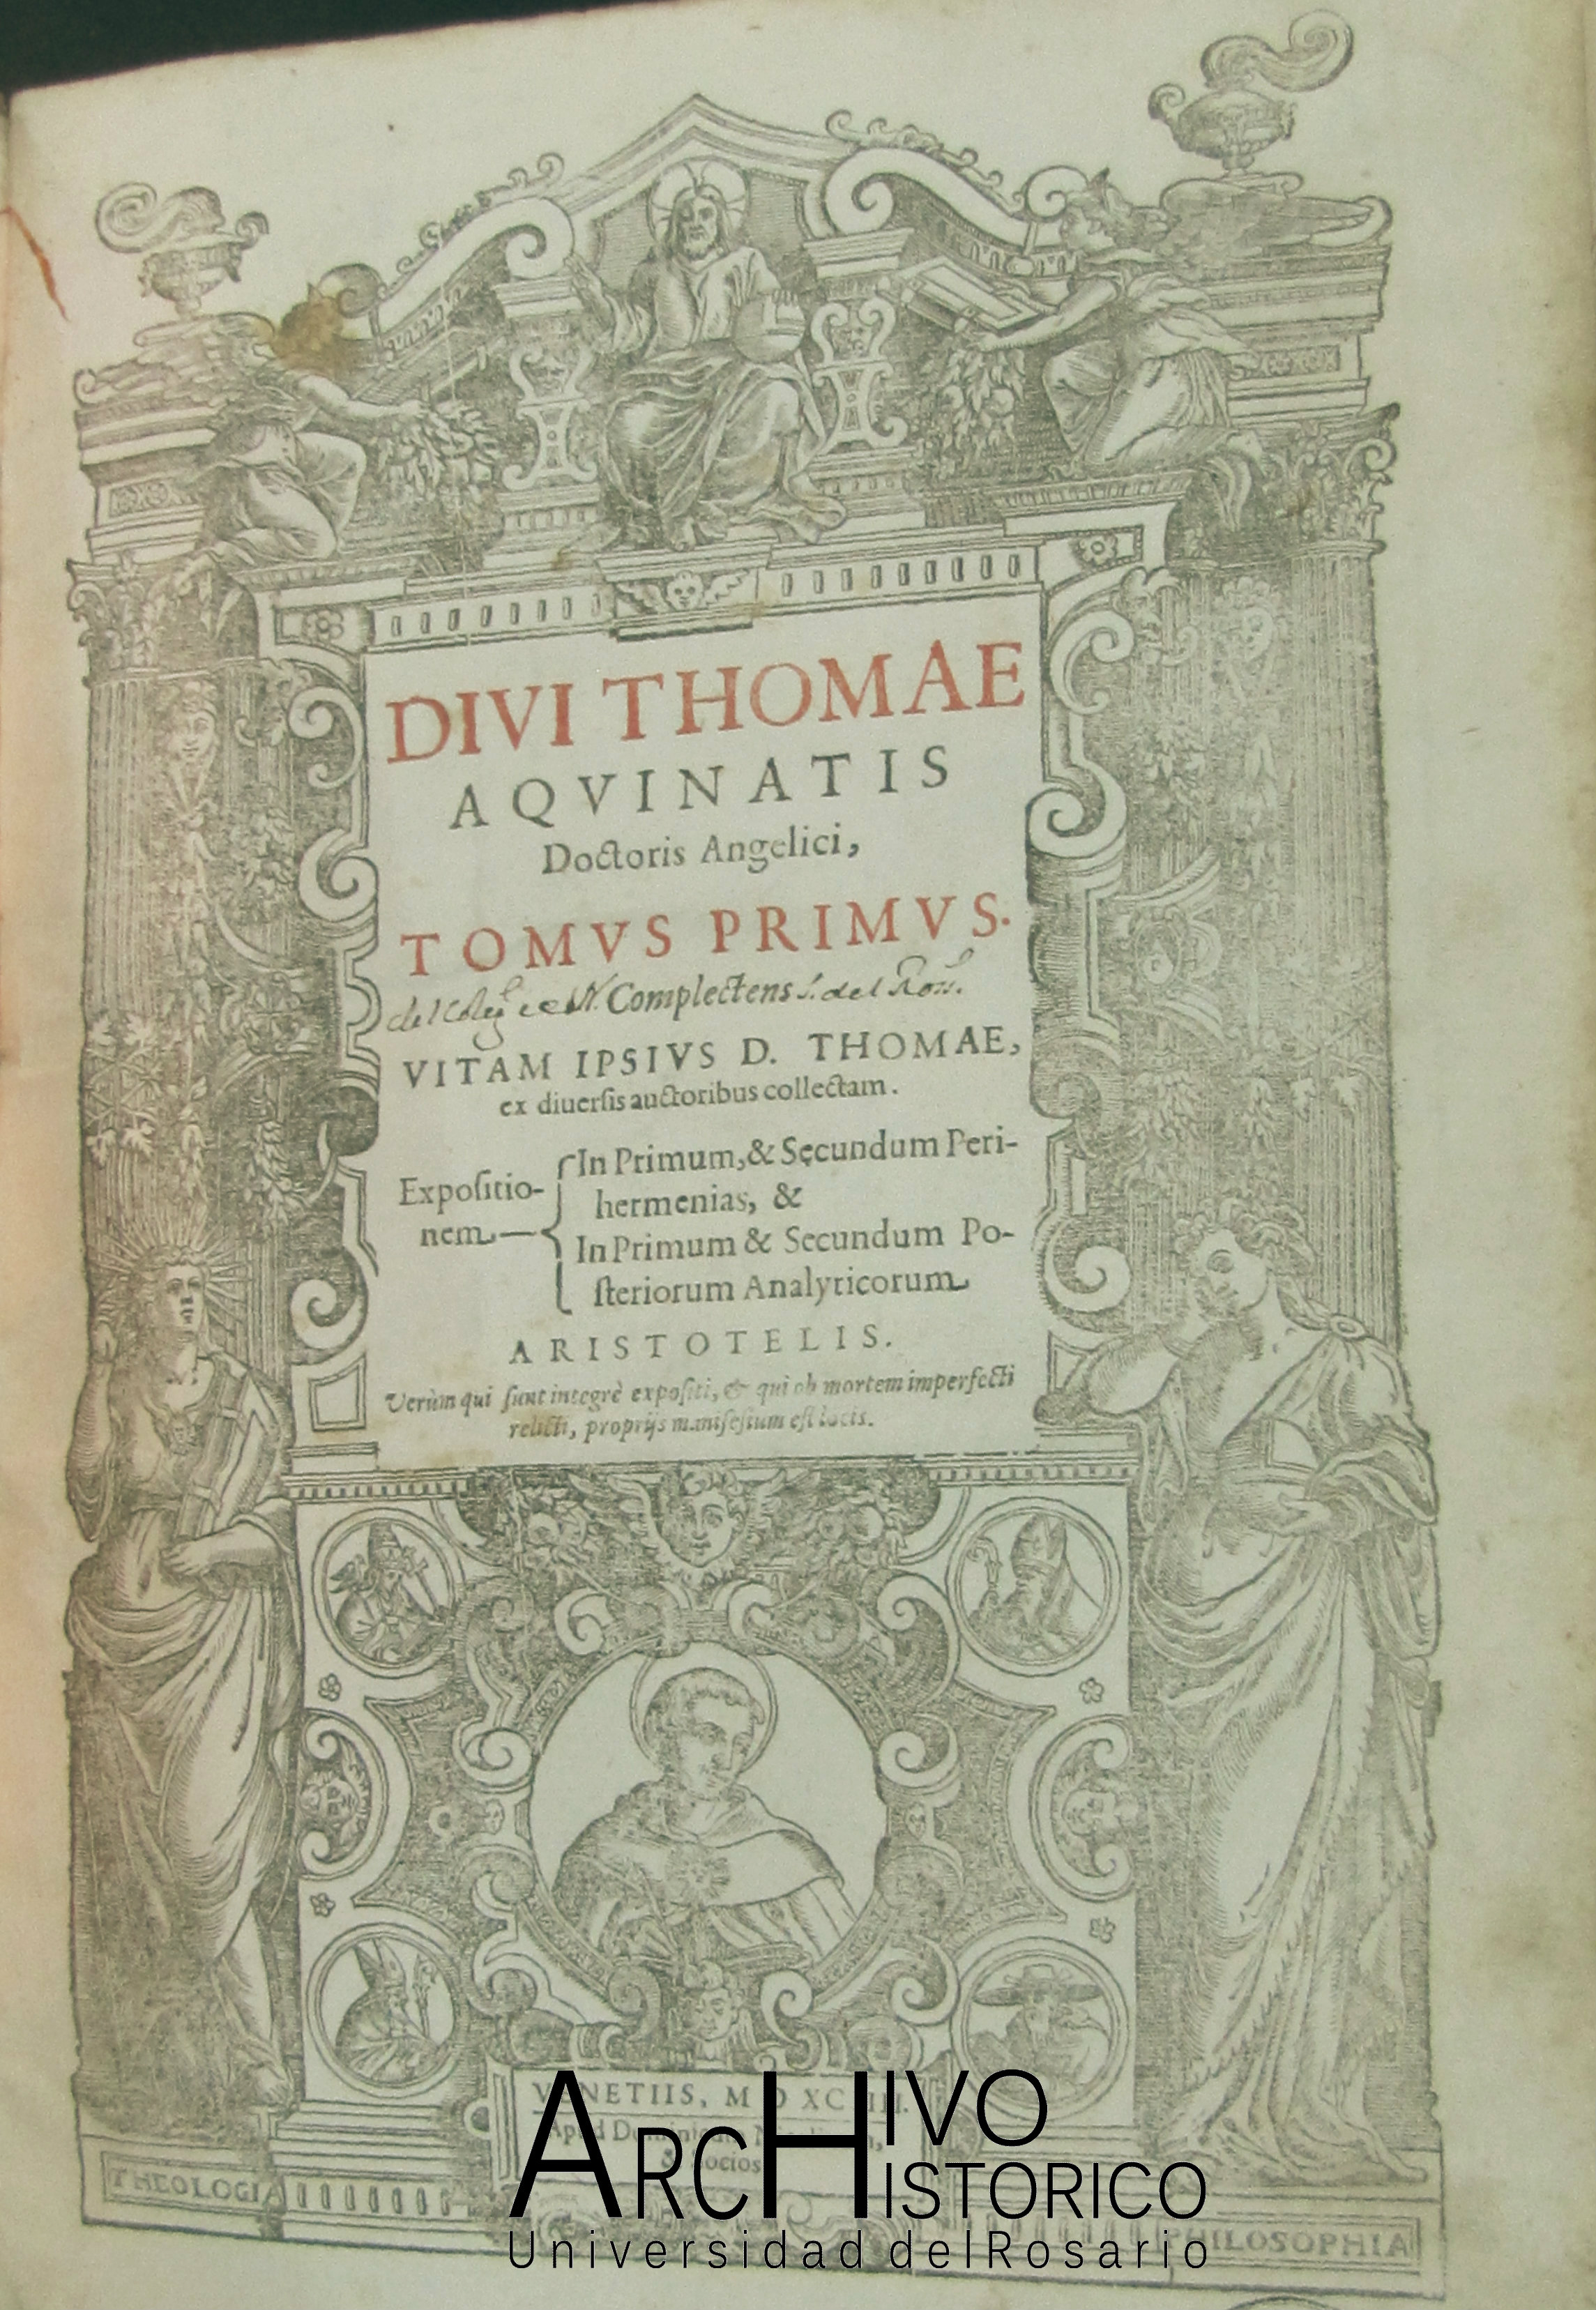 Portada del libro de Domenico Niccolini da Sabio. 1593 a 1596. Comentando a Santo Tomás de Aquino.